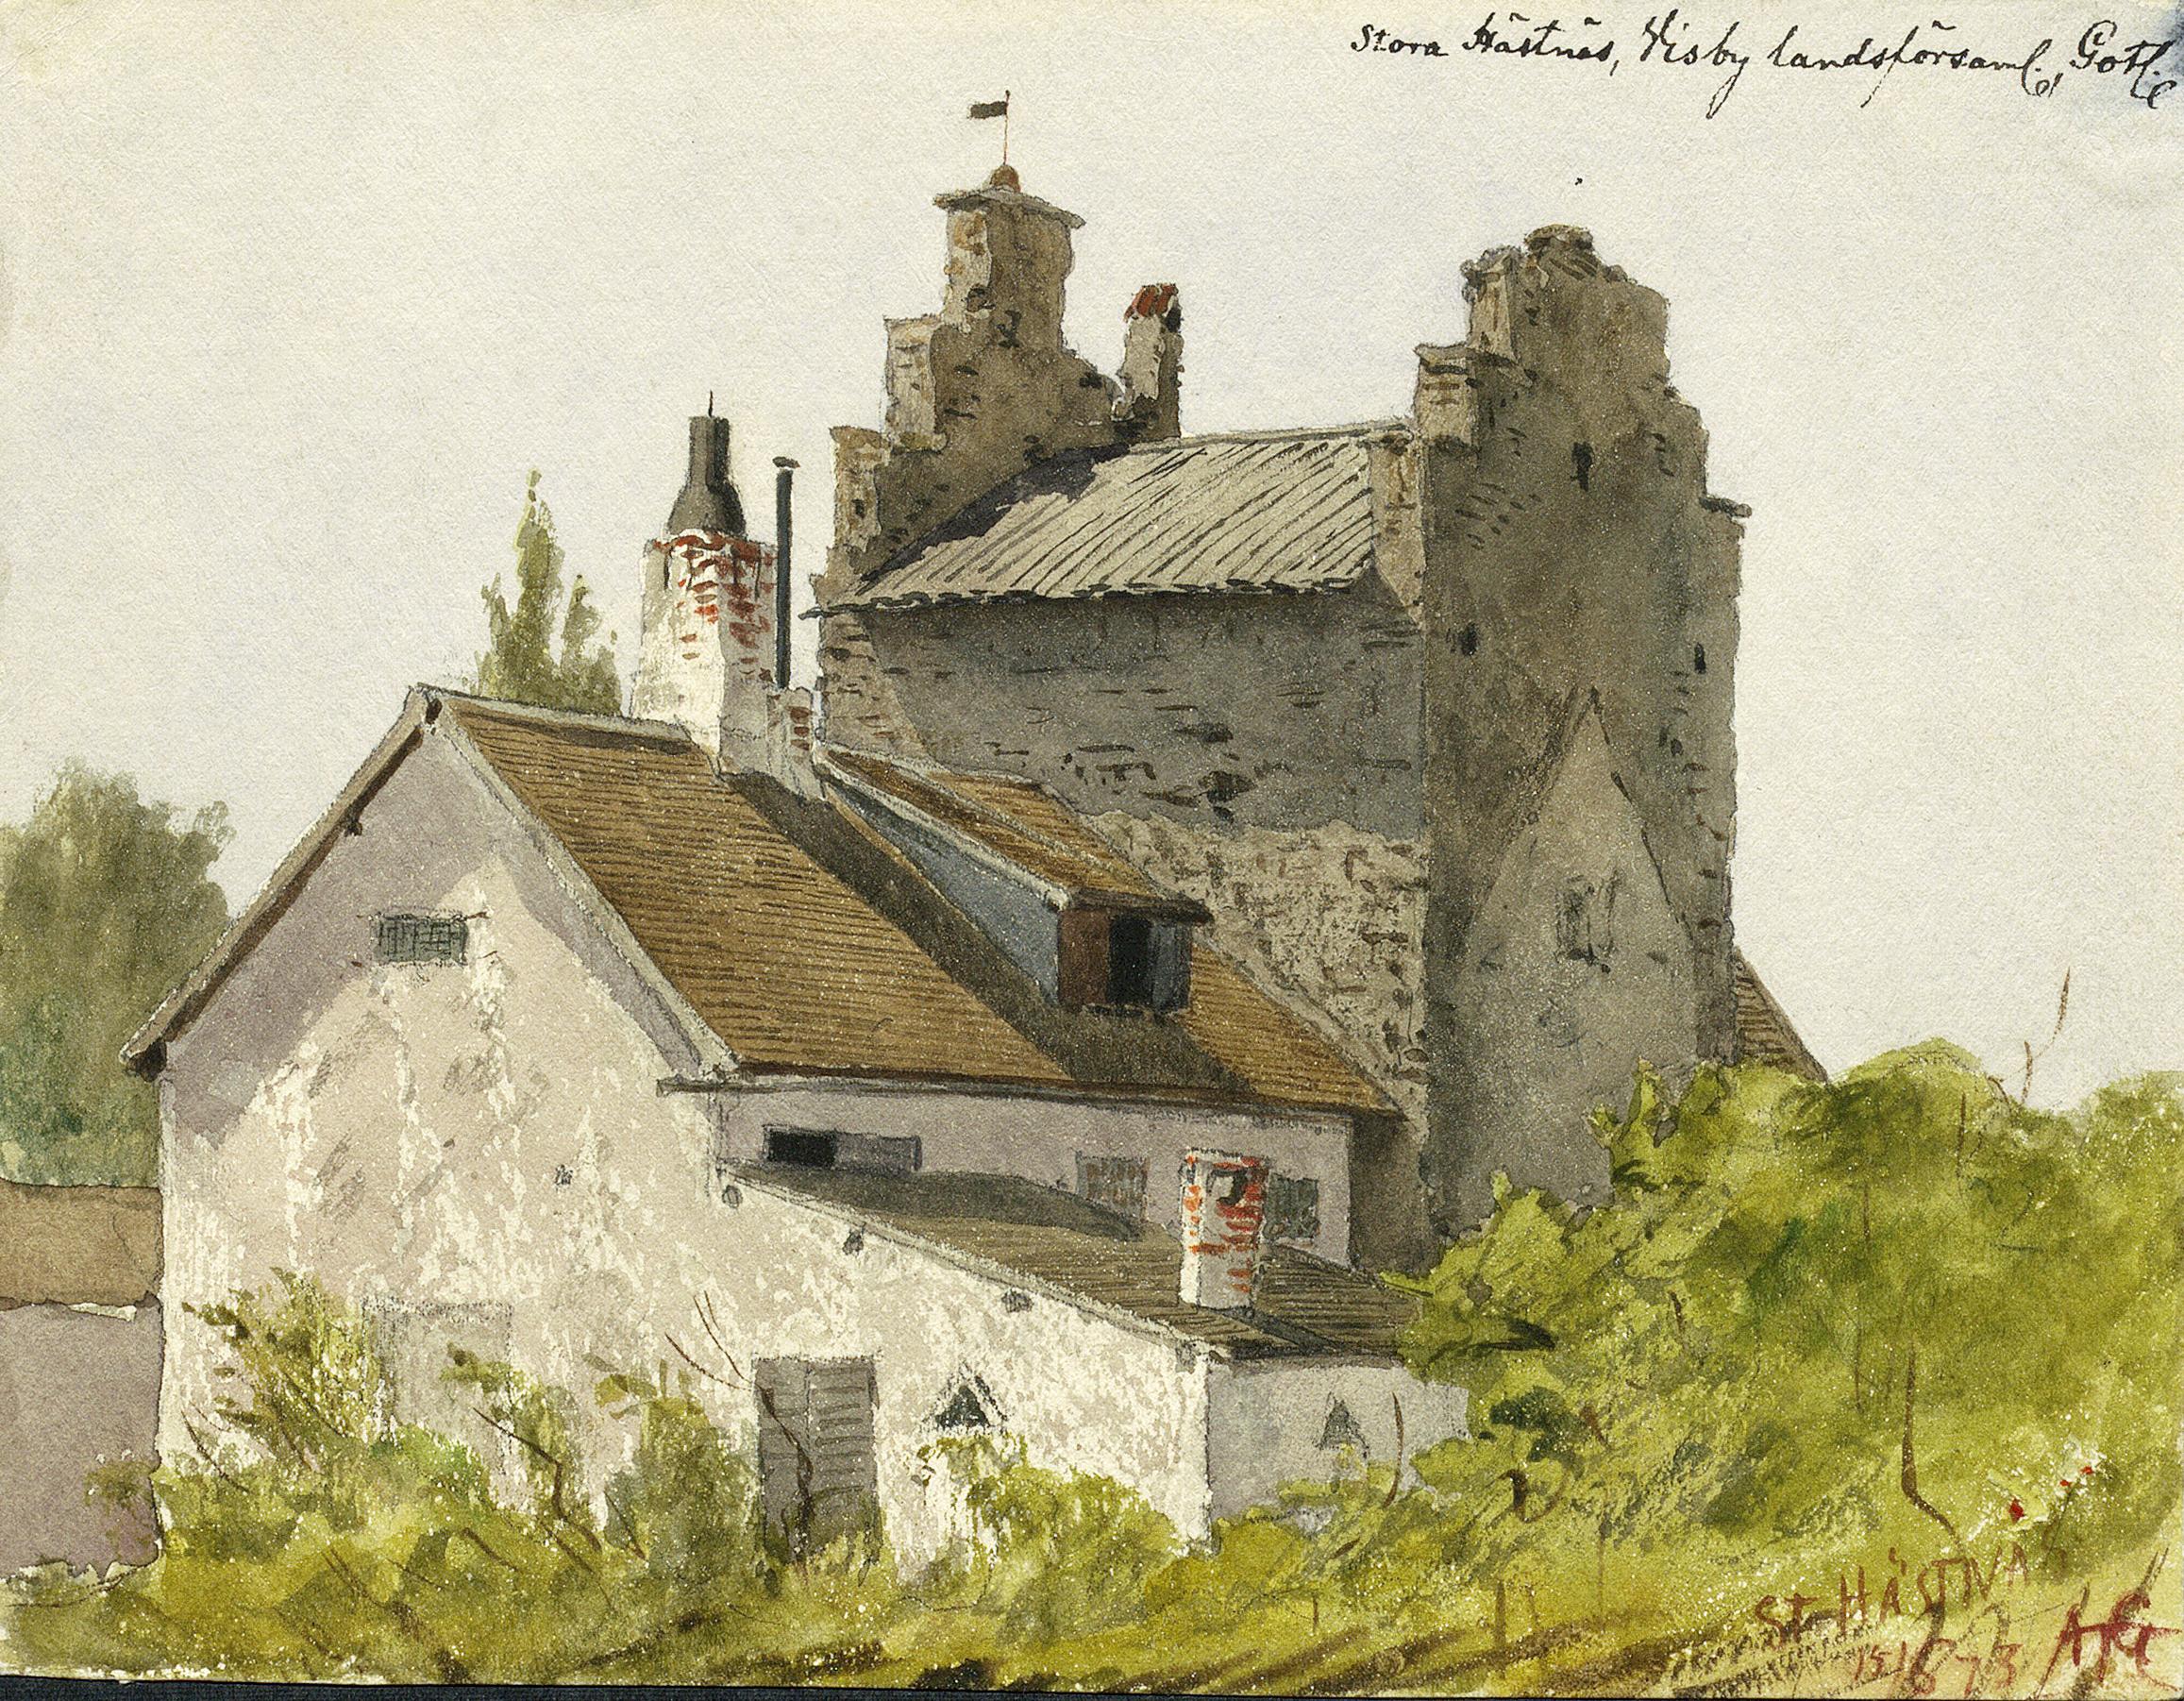 14th century stone house, Stora Hästnäs, Visby, Gotland, Sweden